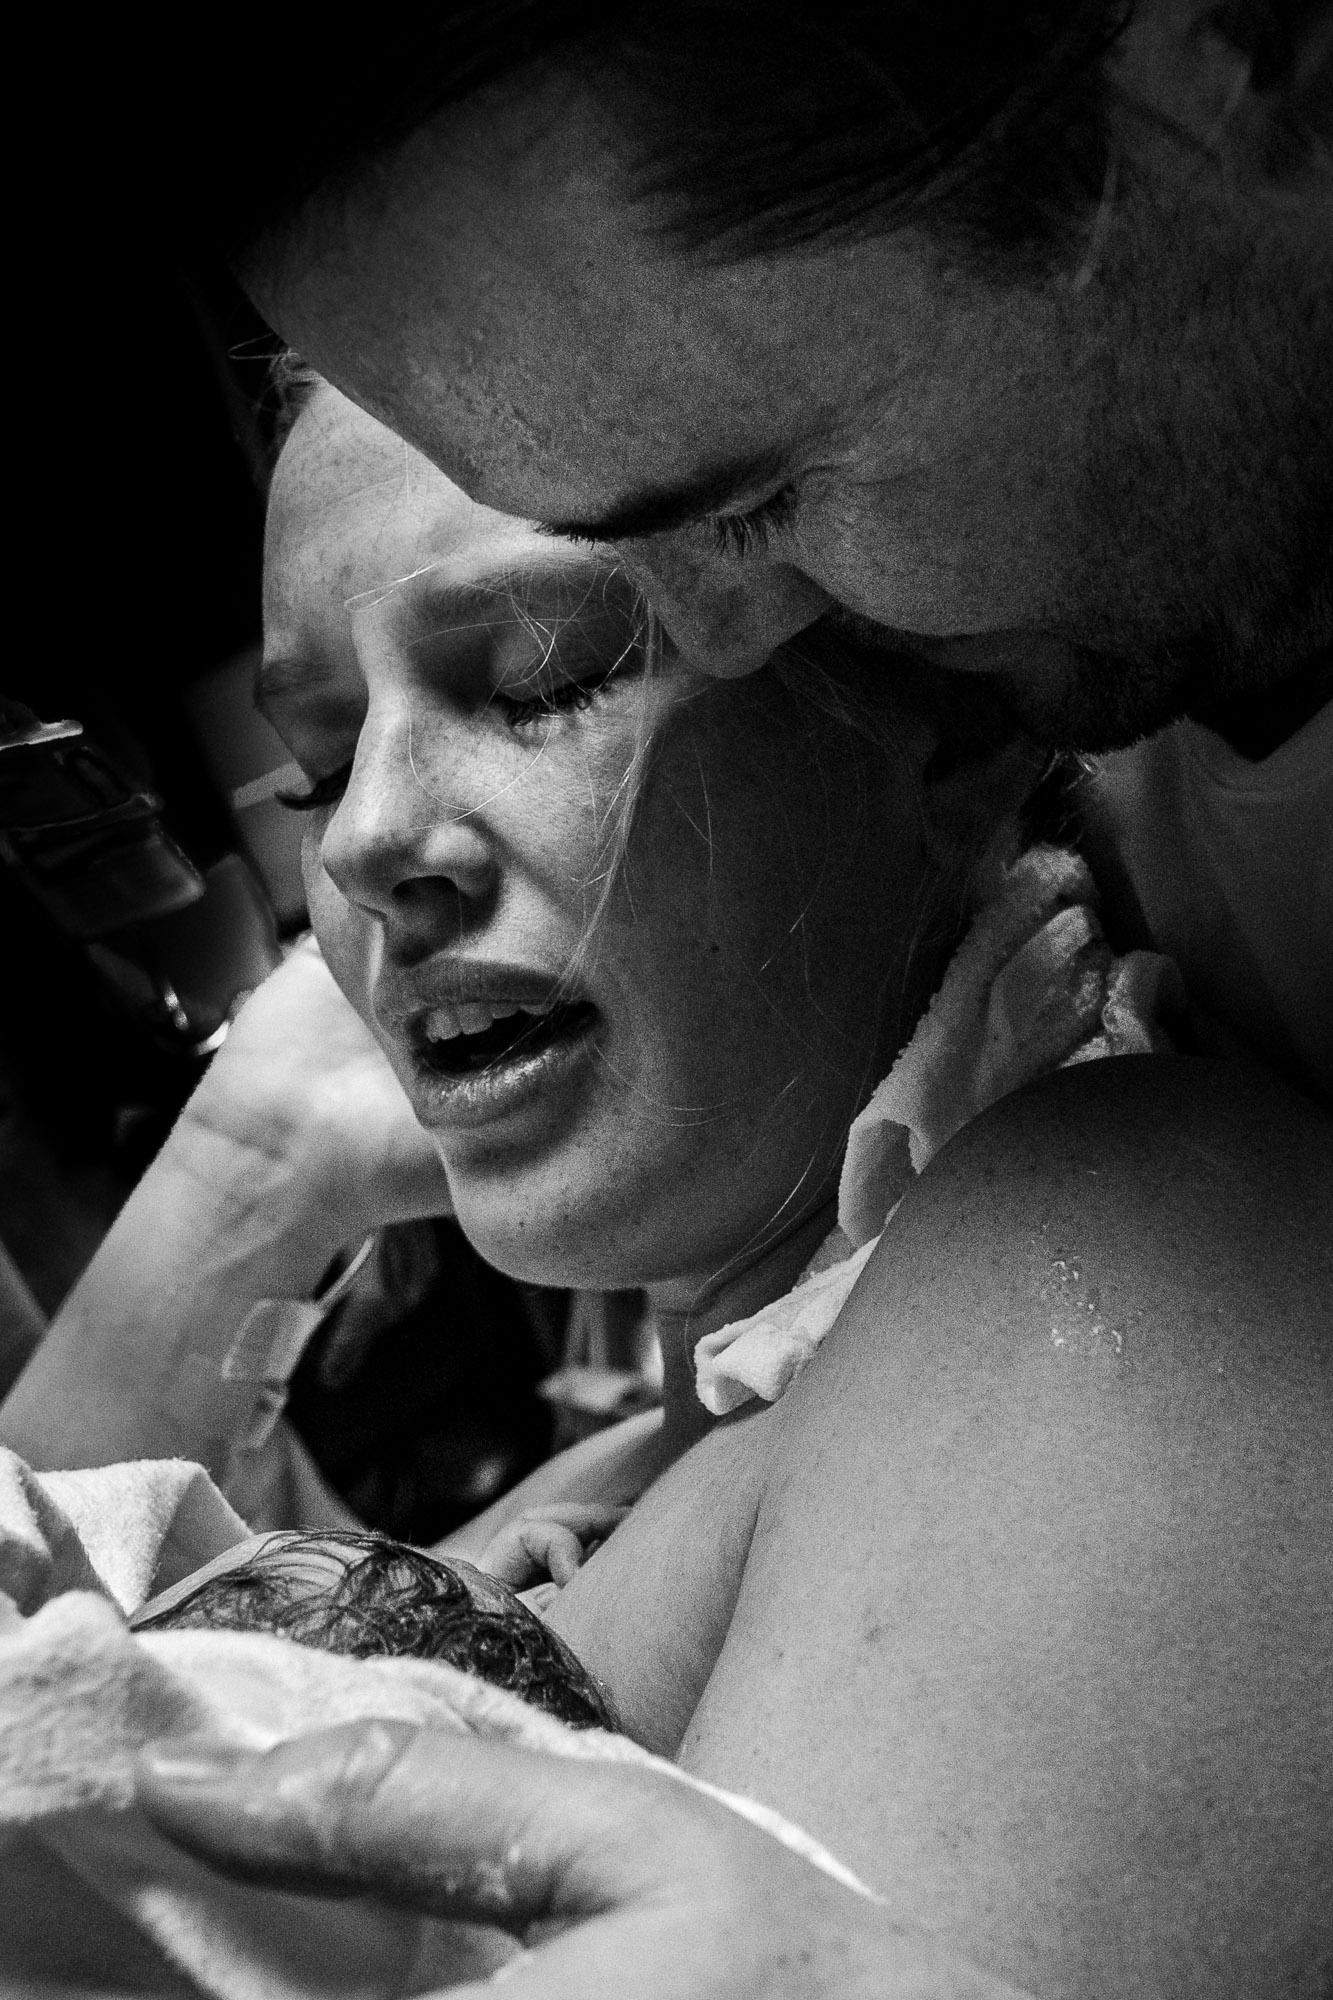 Beaumont-hospital-birth-photos-labor-photos